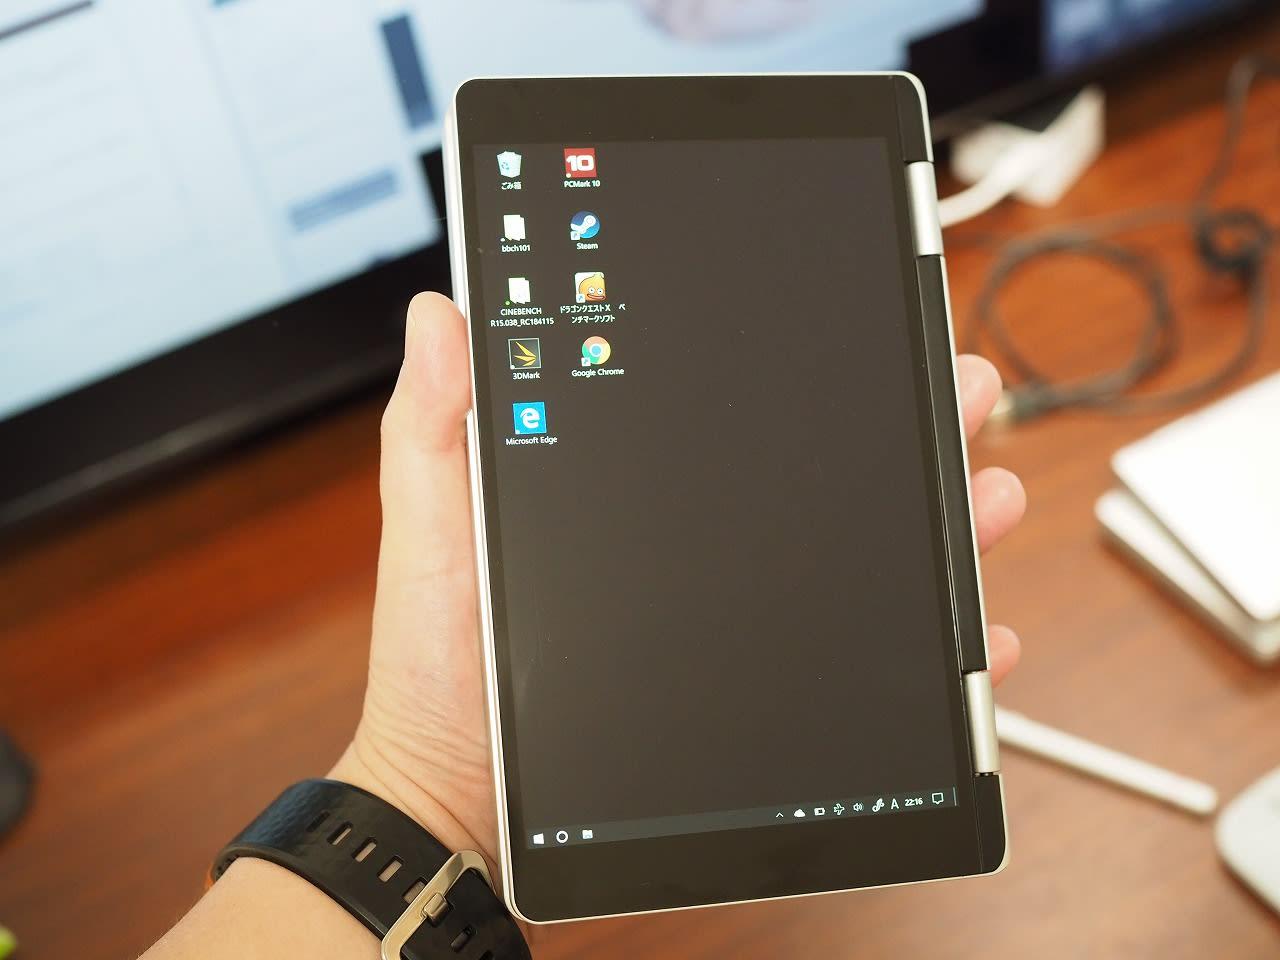 One Netbook OneMix 2S